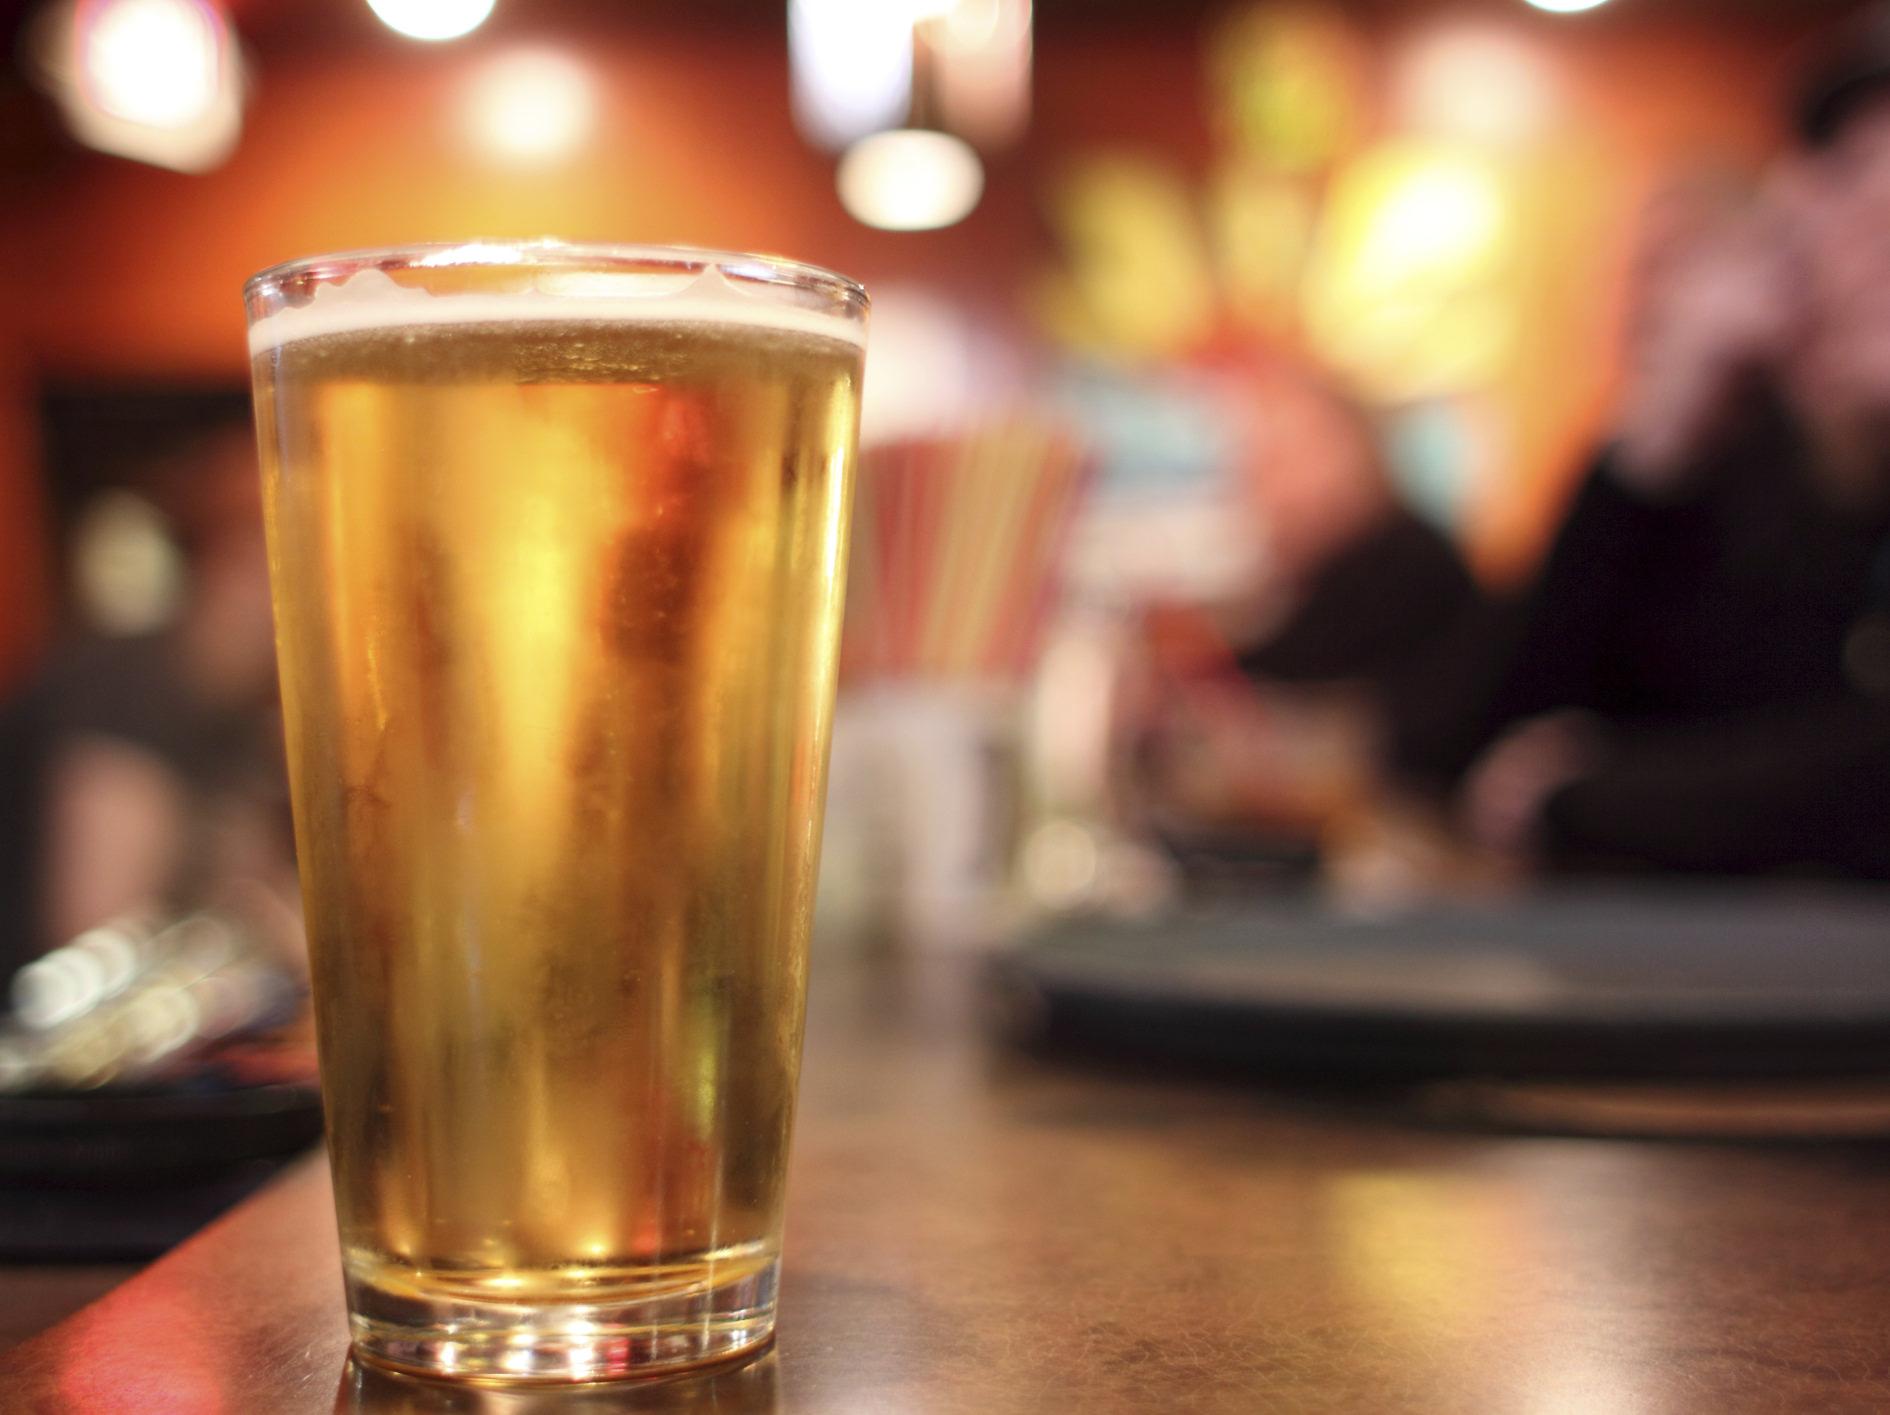 人気急上昇中のクラフトビールのイメージ画像